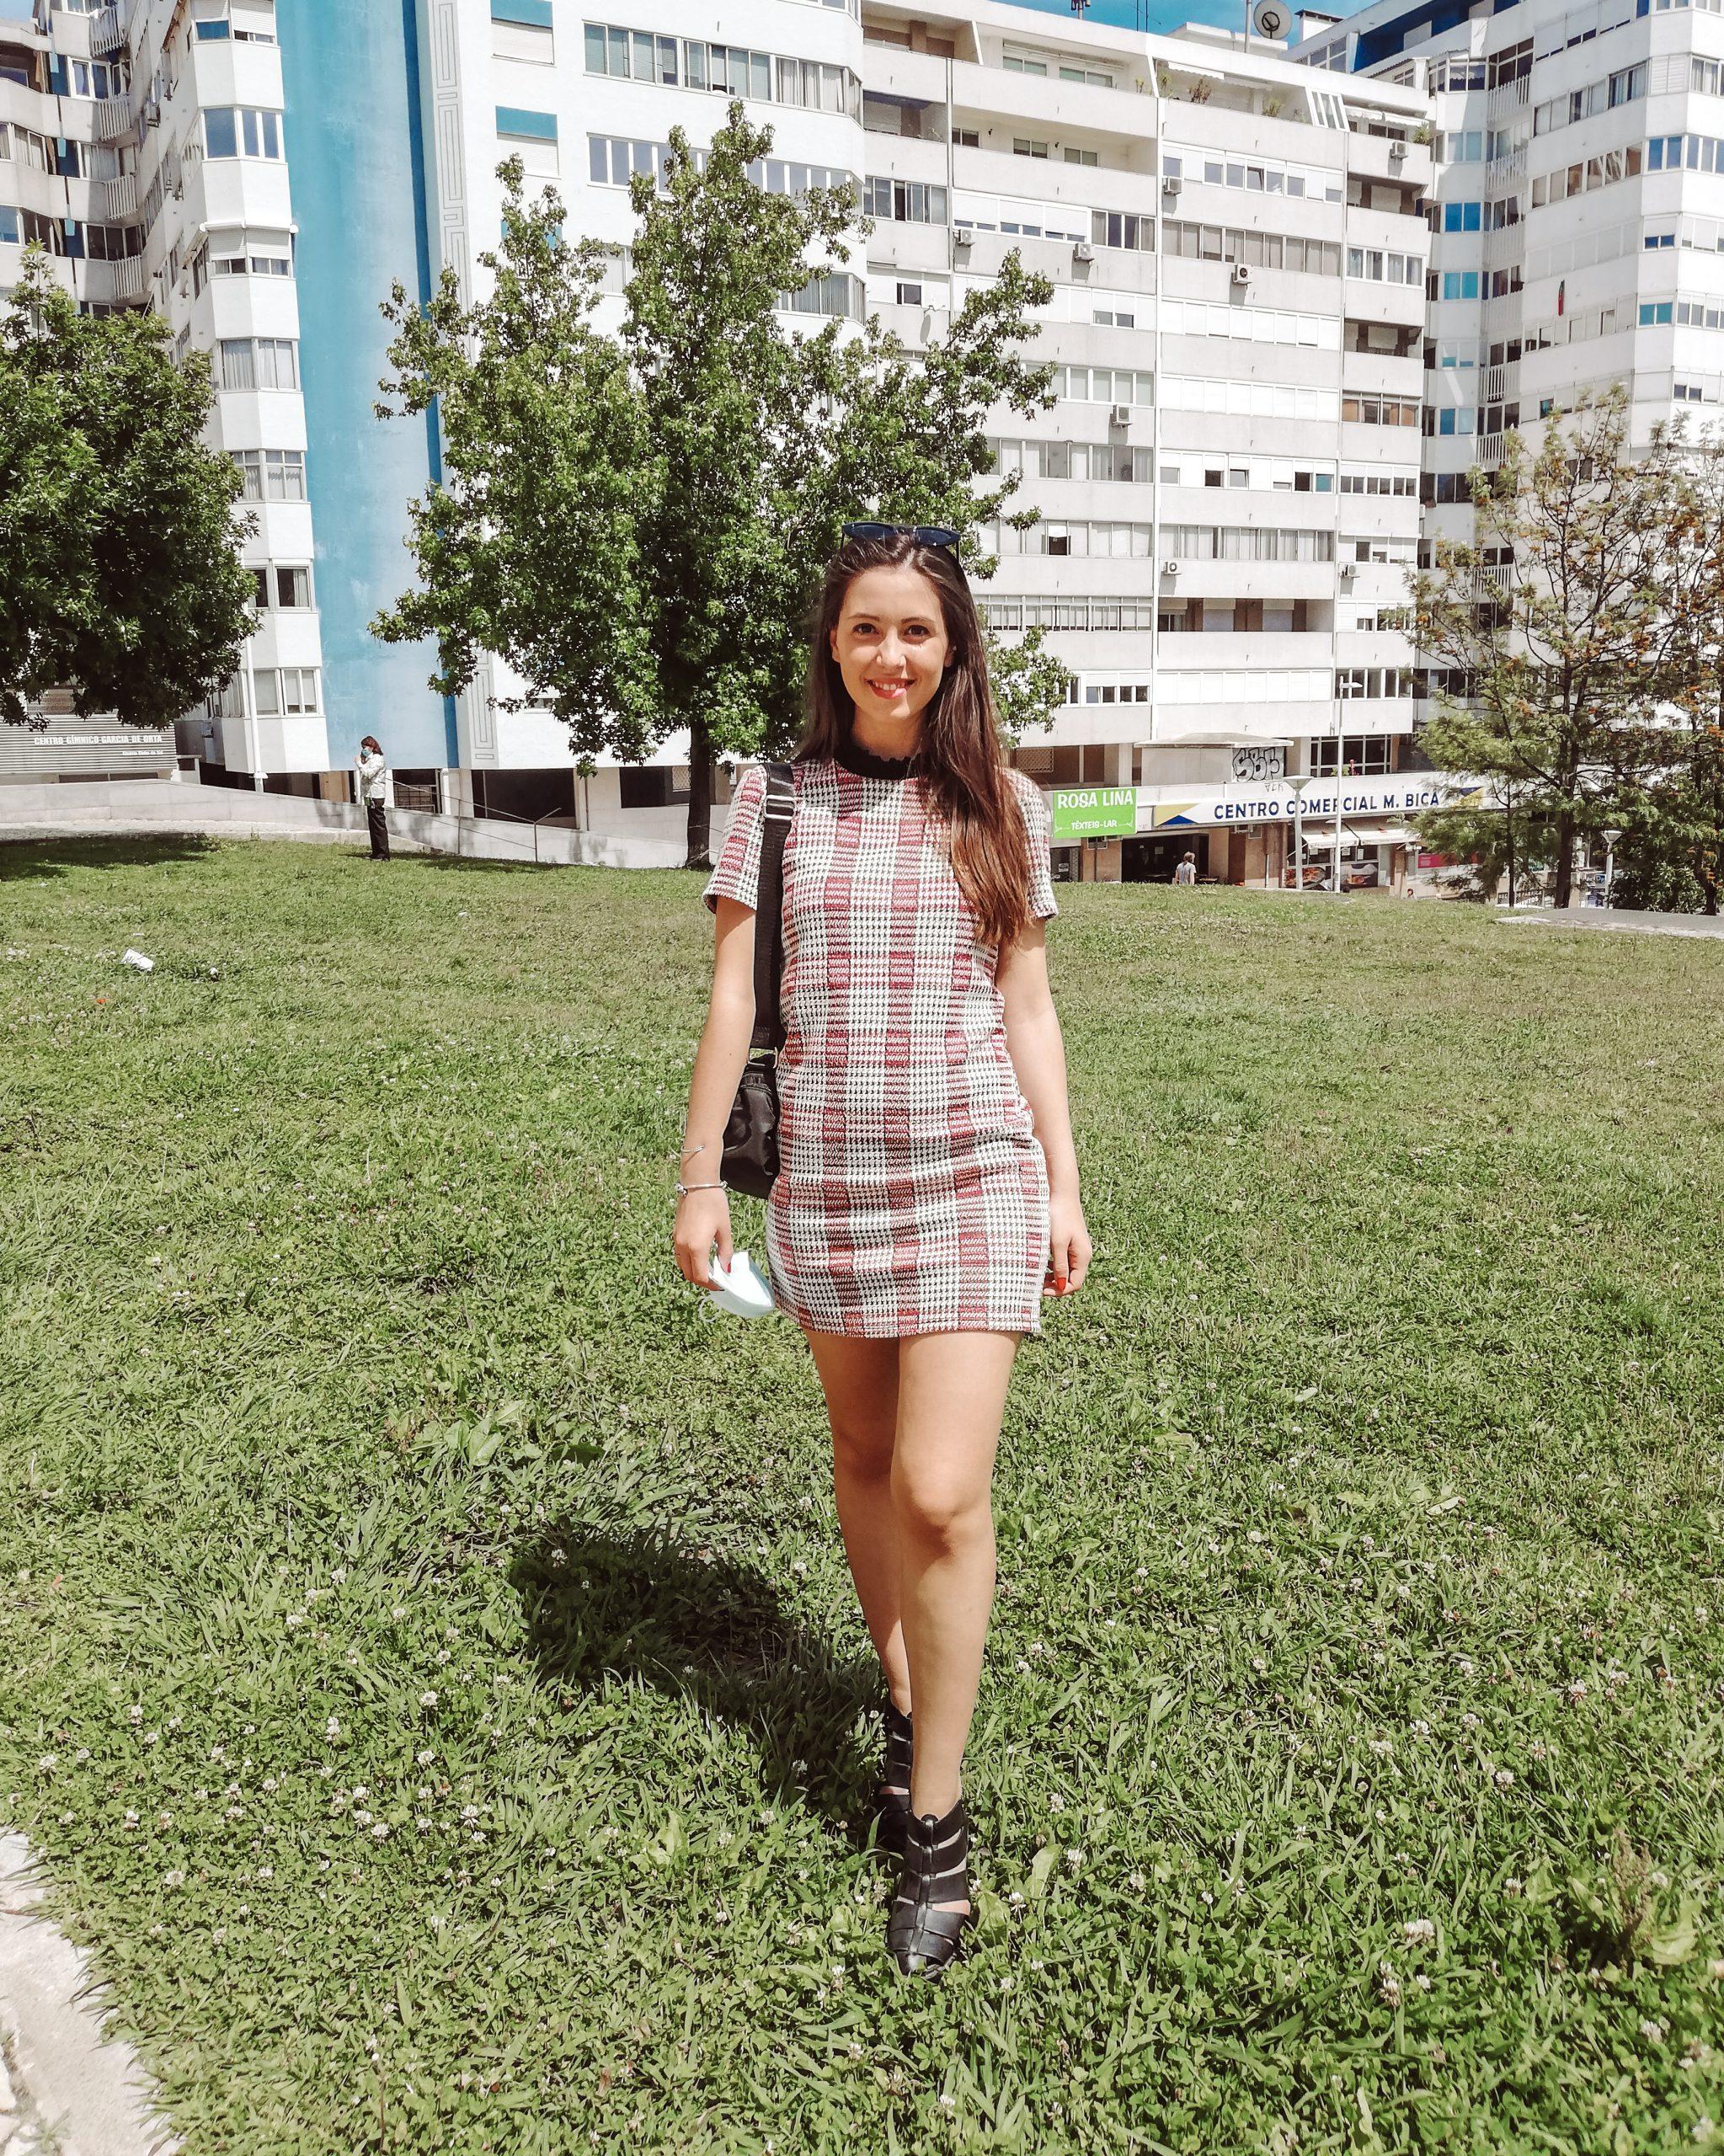 Holidays are happy days - Catarina